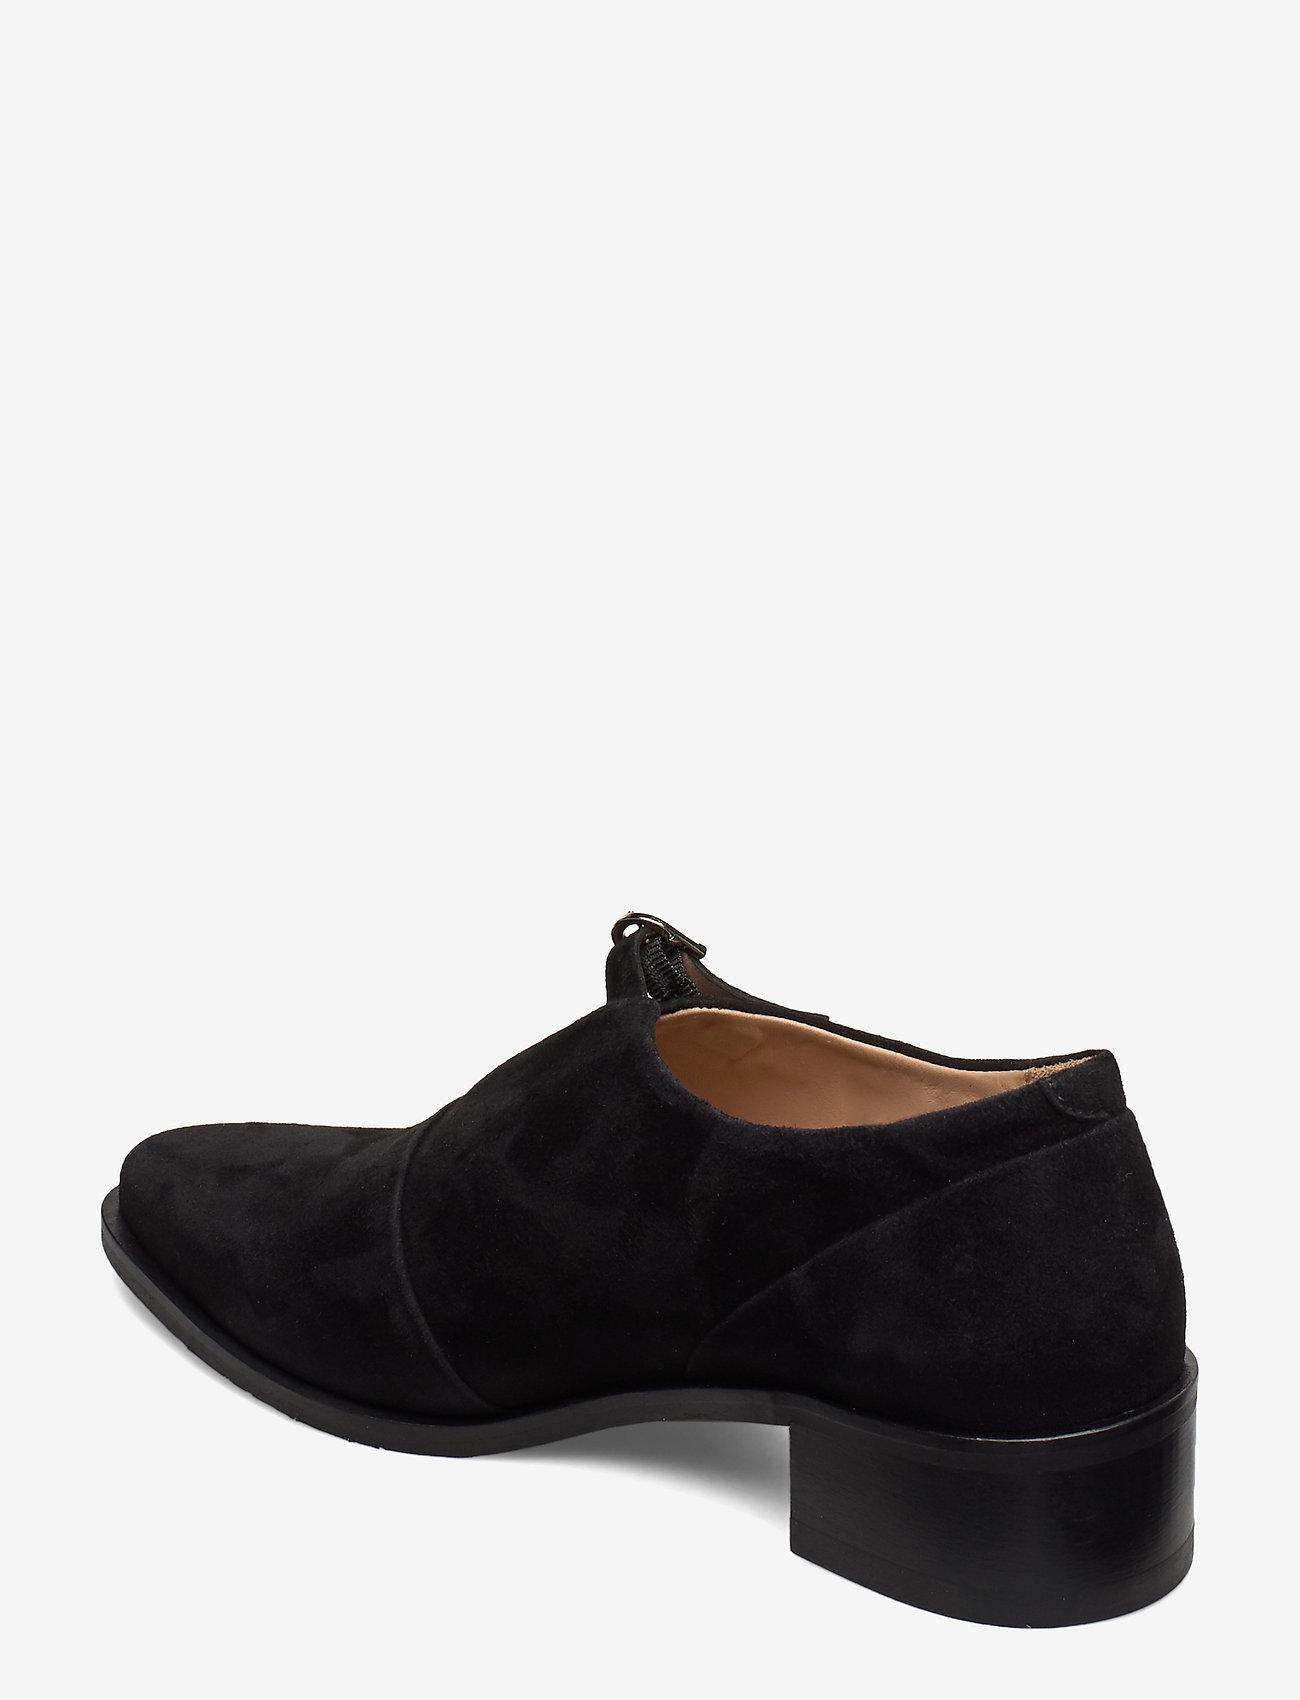 Elite Suede Monk Shoe (Black) - Royal RepubliQ